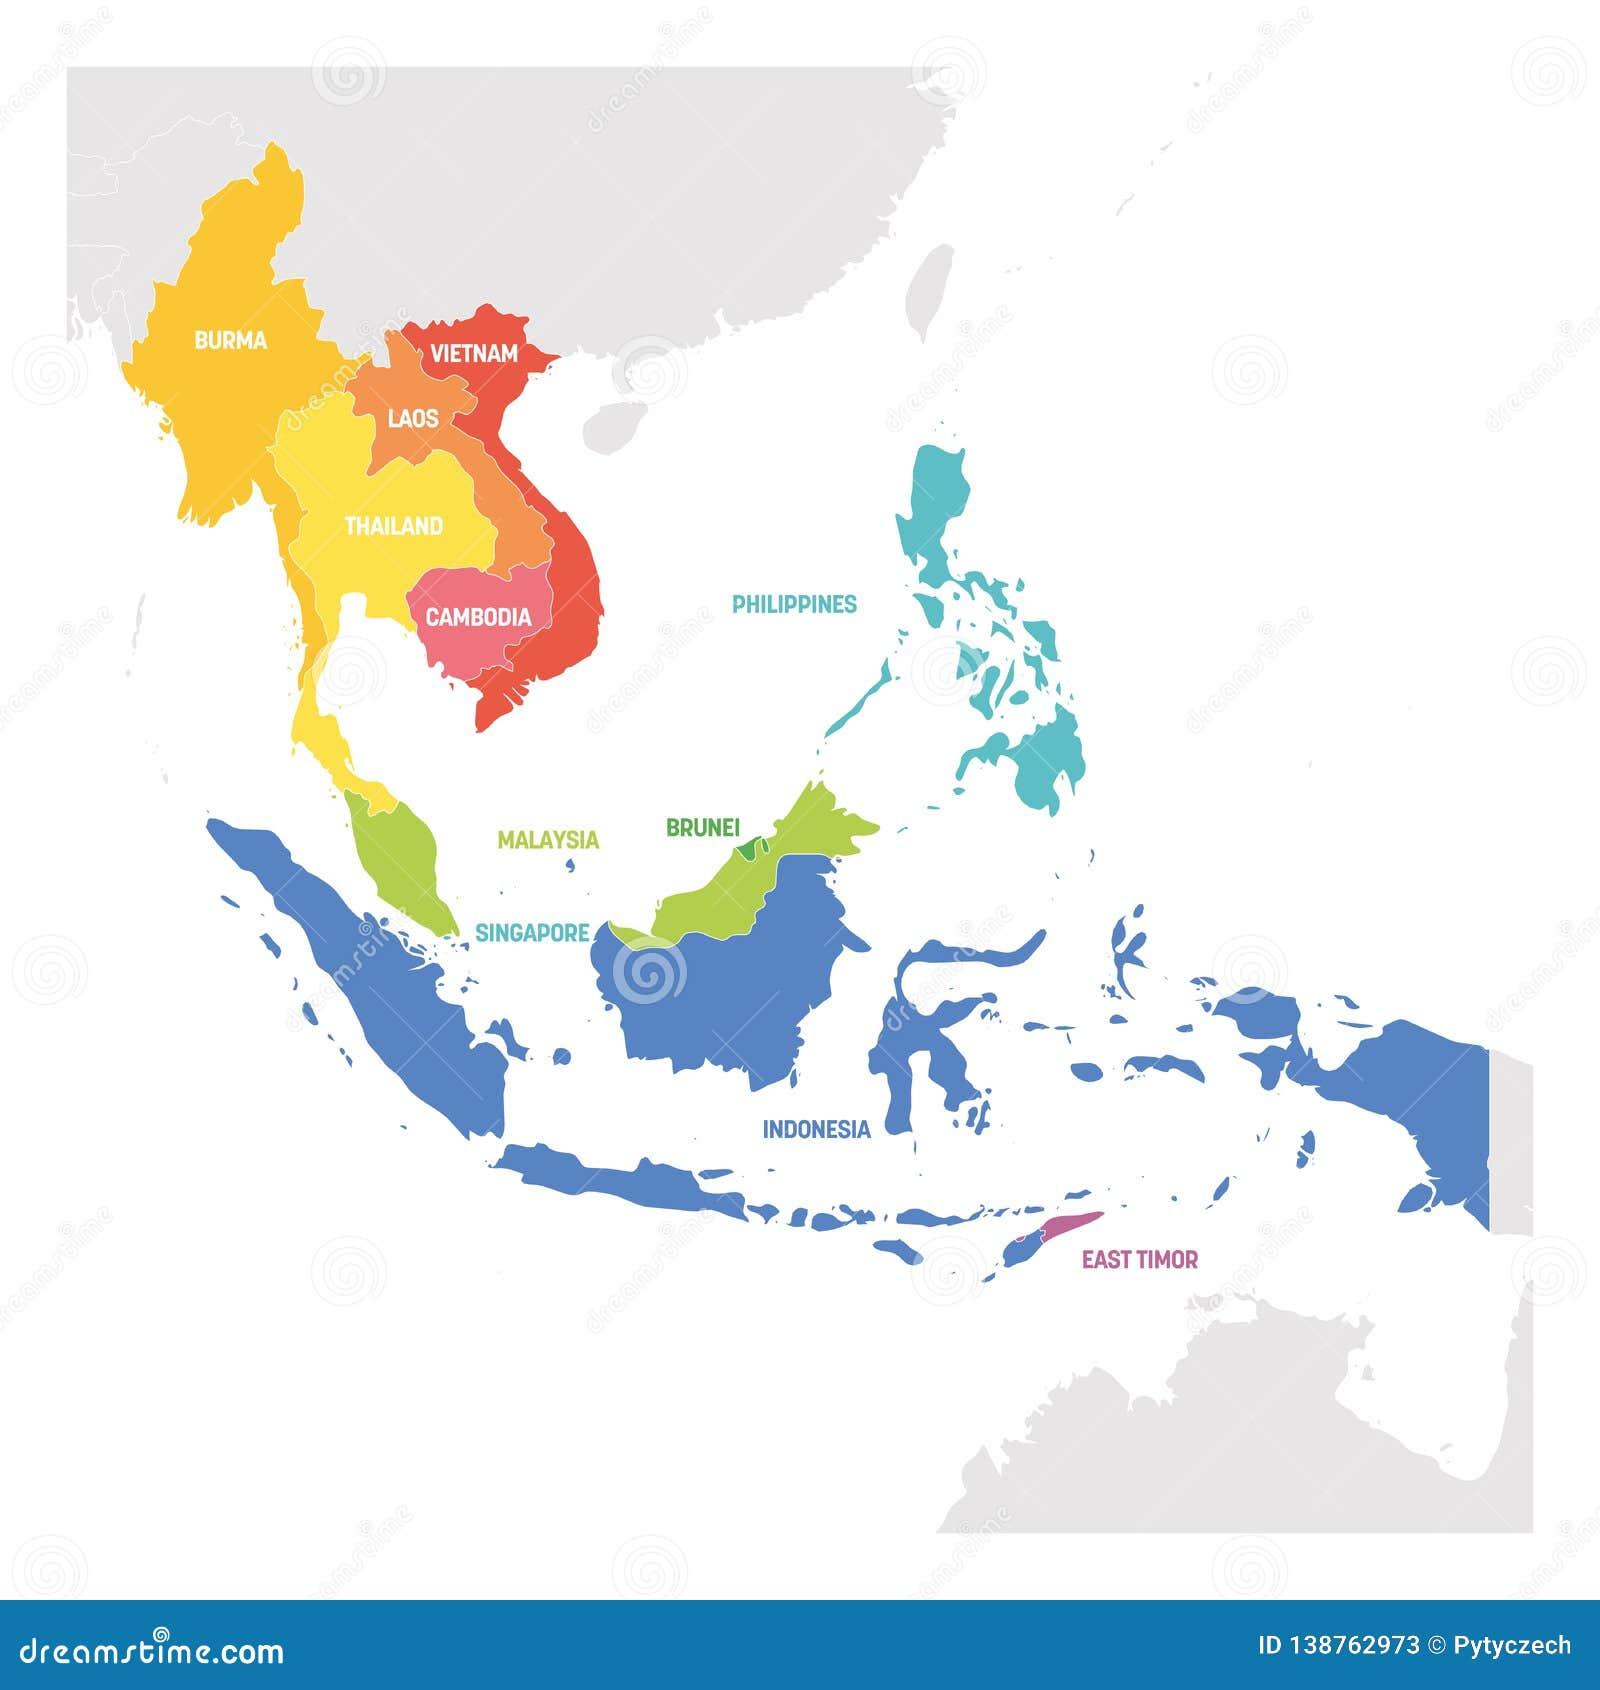 Carte Region Asie.Region D Asie Du Sud Est Carte Coloree Des Pays En Asie Du